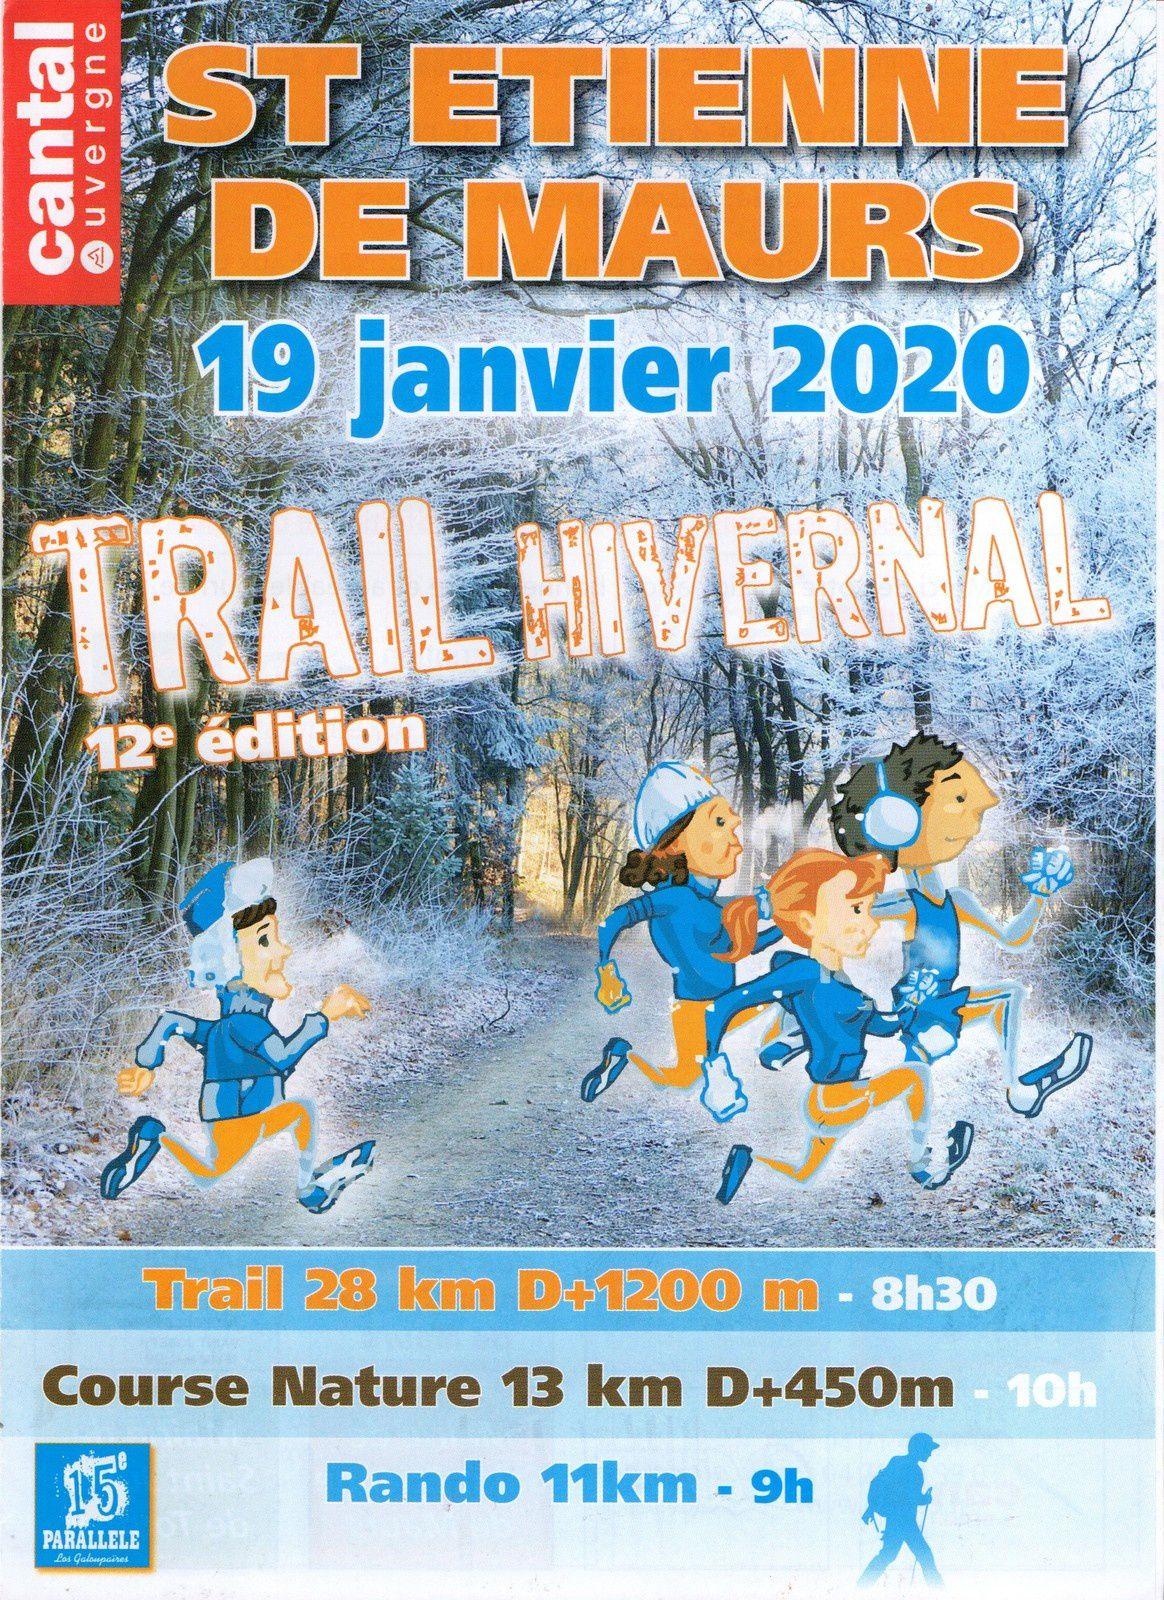 Dimanche 19 janvier Trail Hivernal de St Etienne de Maurs